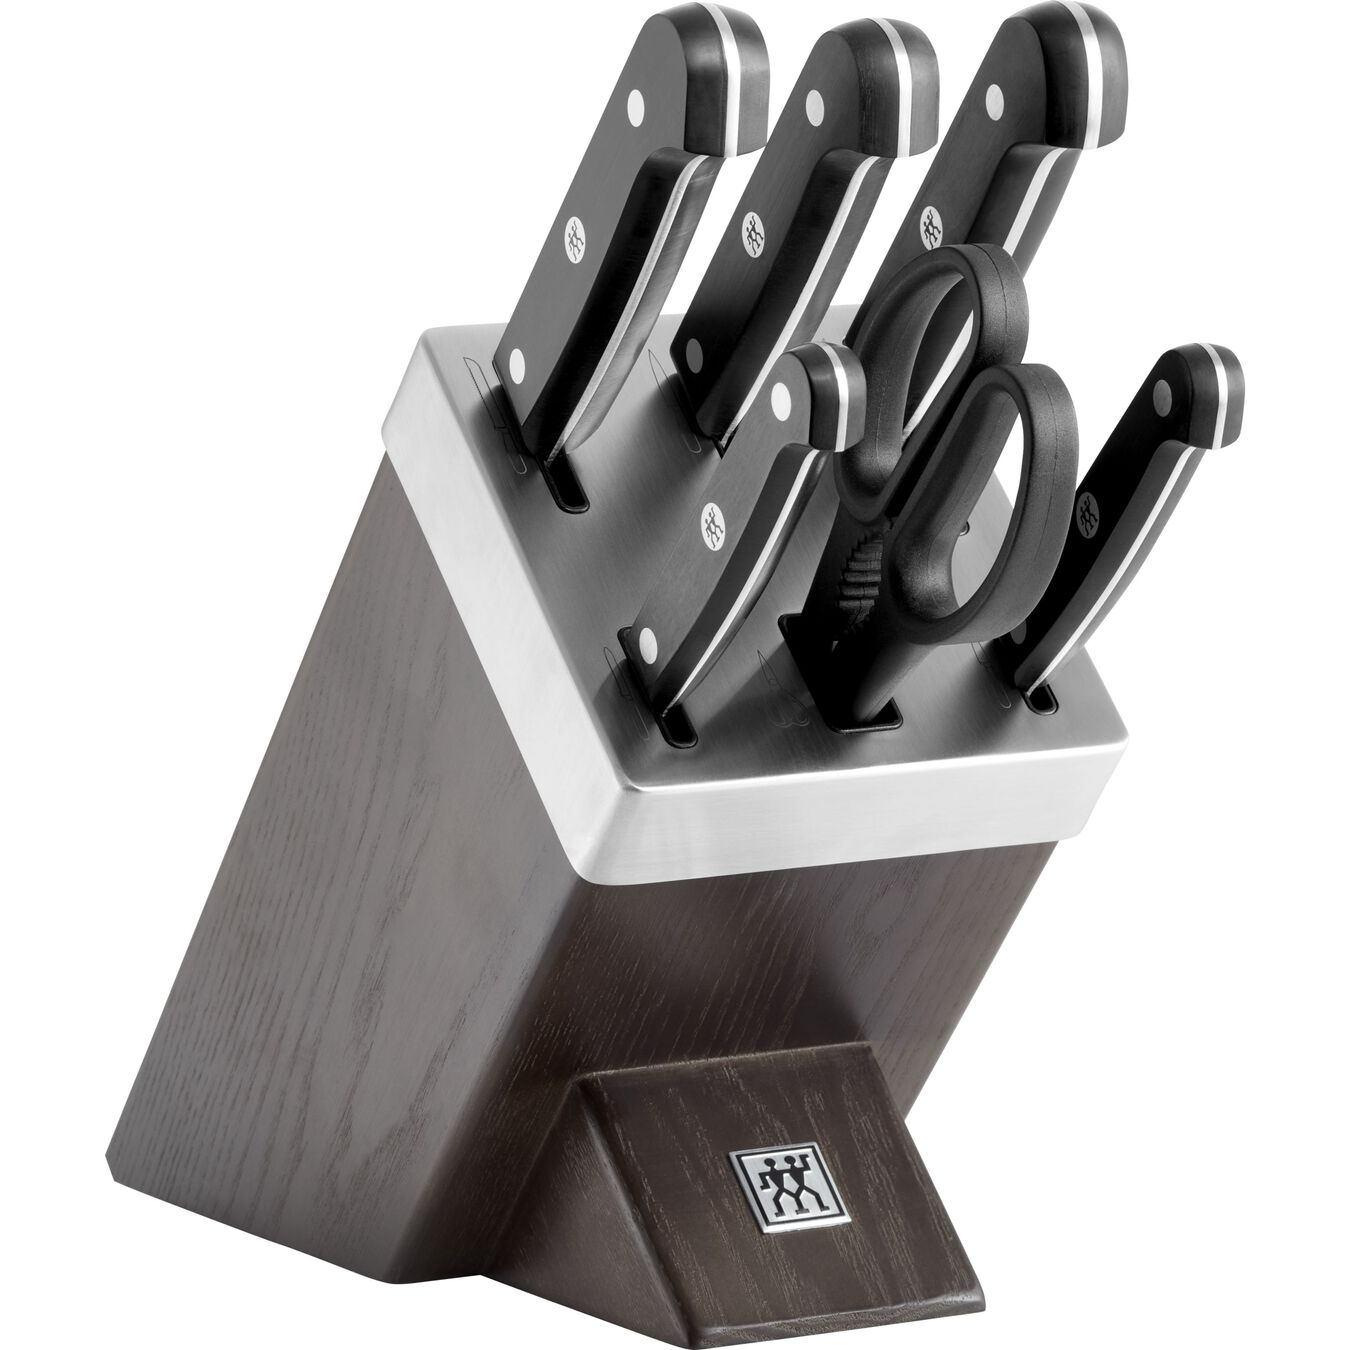 Set di coltelli con ceppo con sistema autoaffilante - 7-pz., nero,,large 1